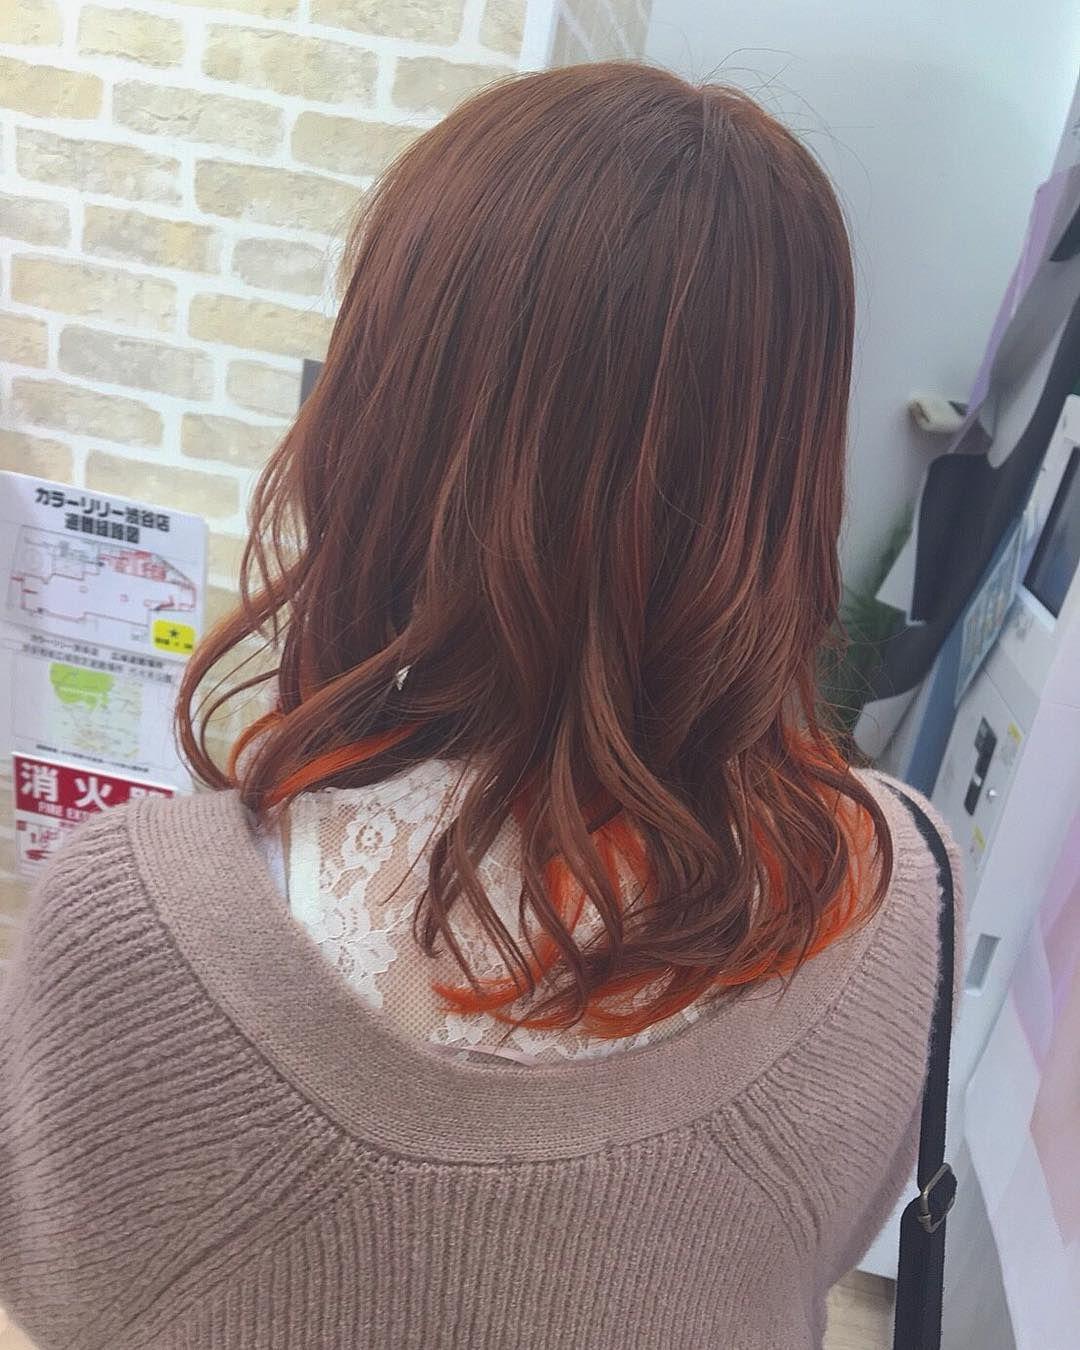 髪の毛染めていただきました ピンク オレンジこれで前撮りも完璧だ